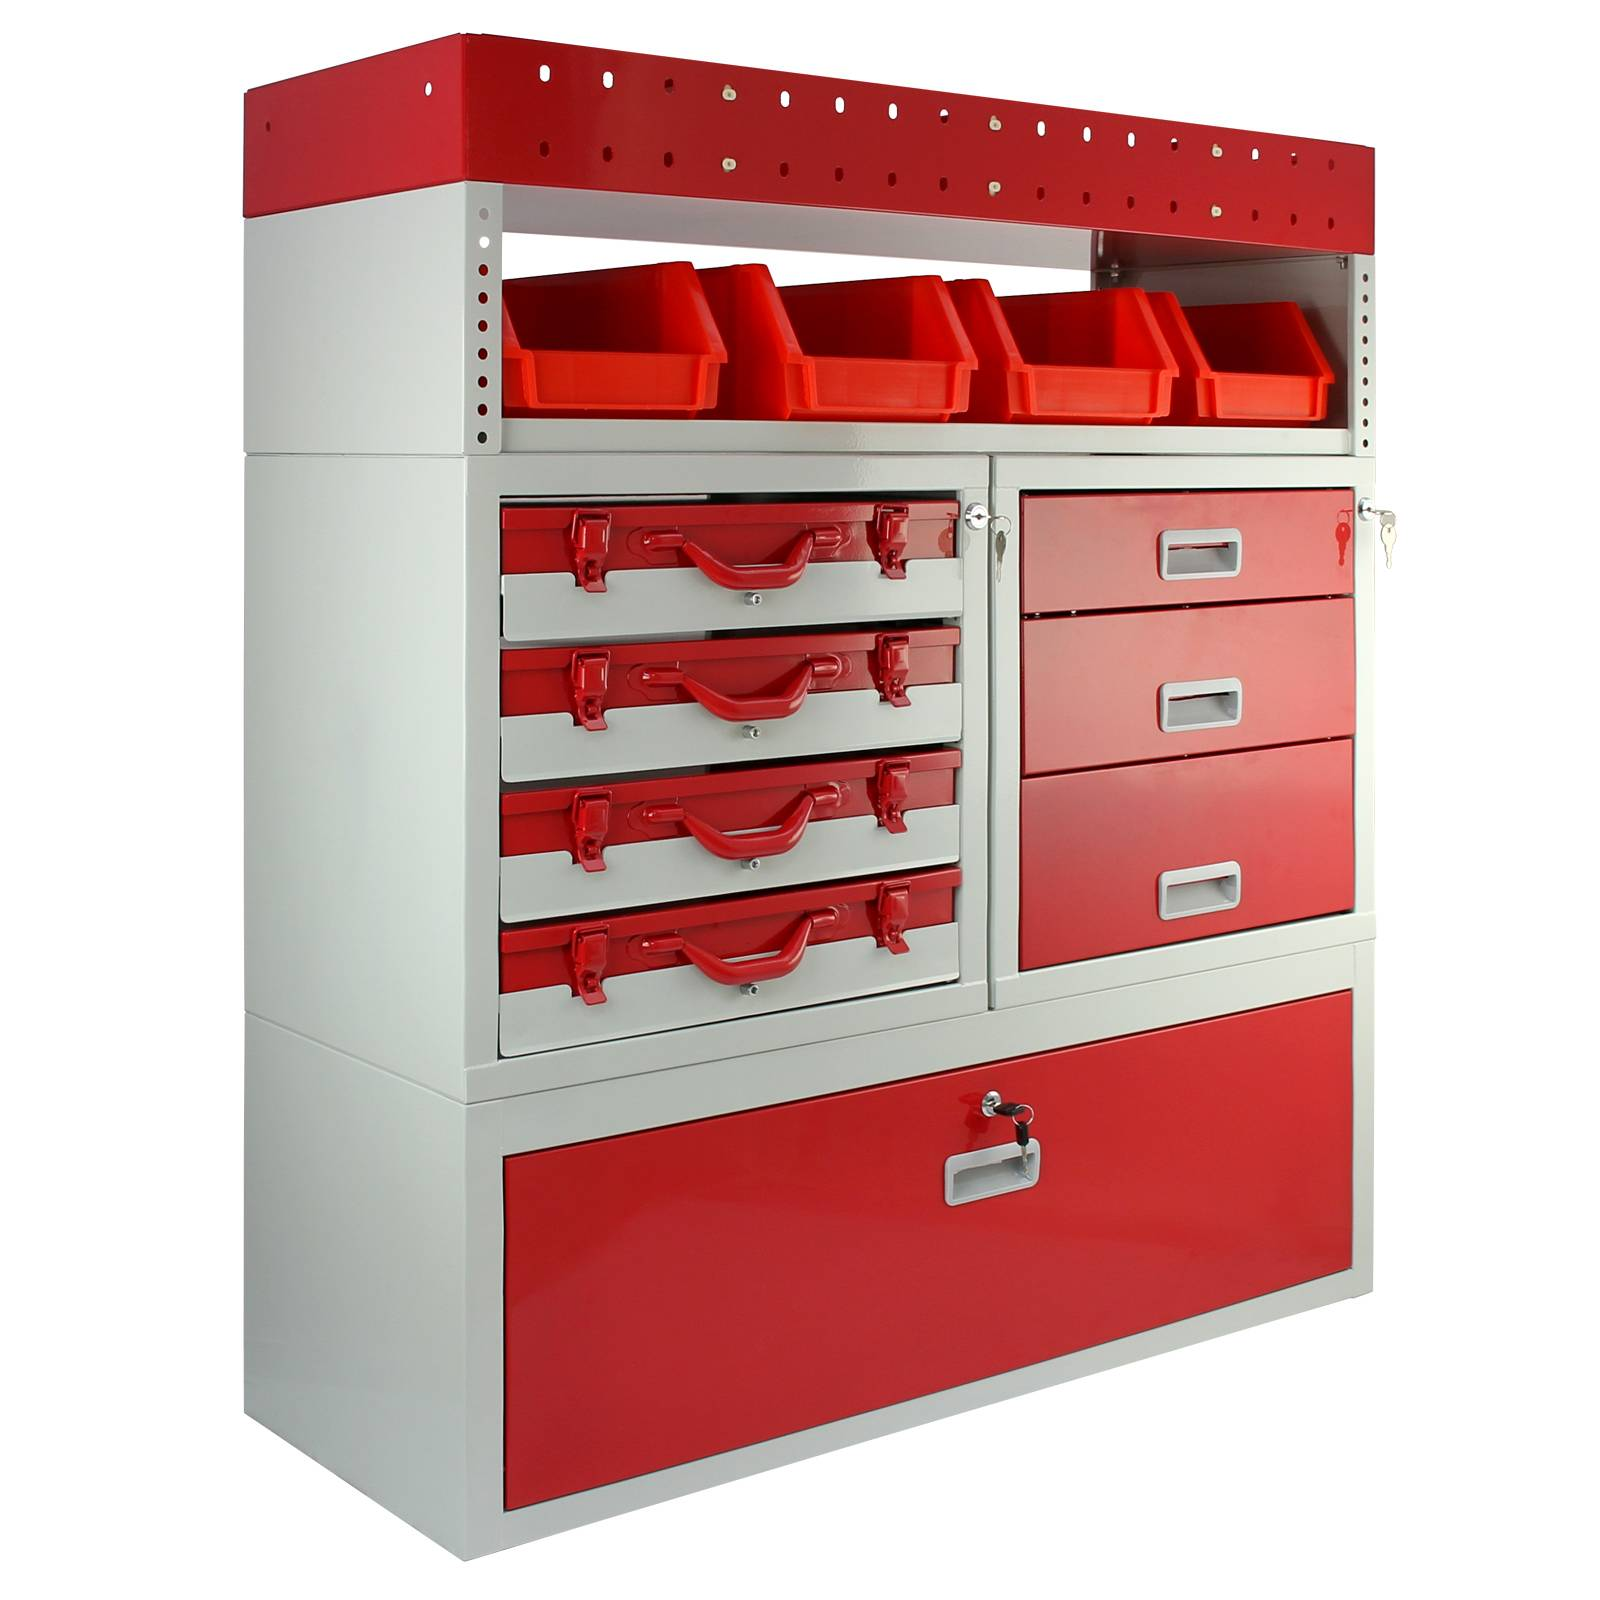 Van Racking Metal Shelving System Steel Rack Tool Storage